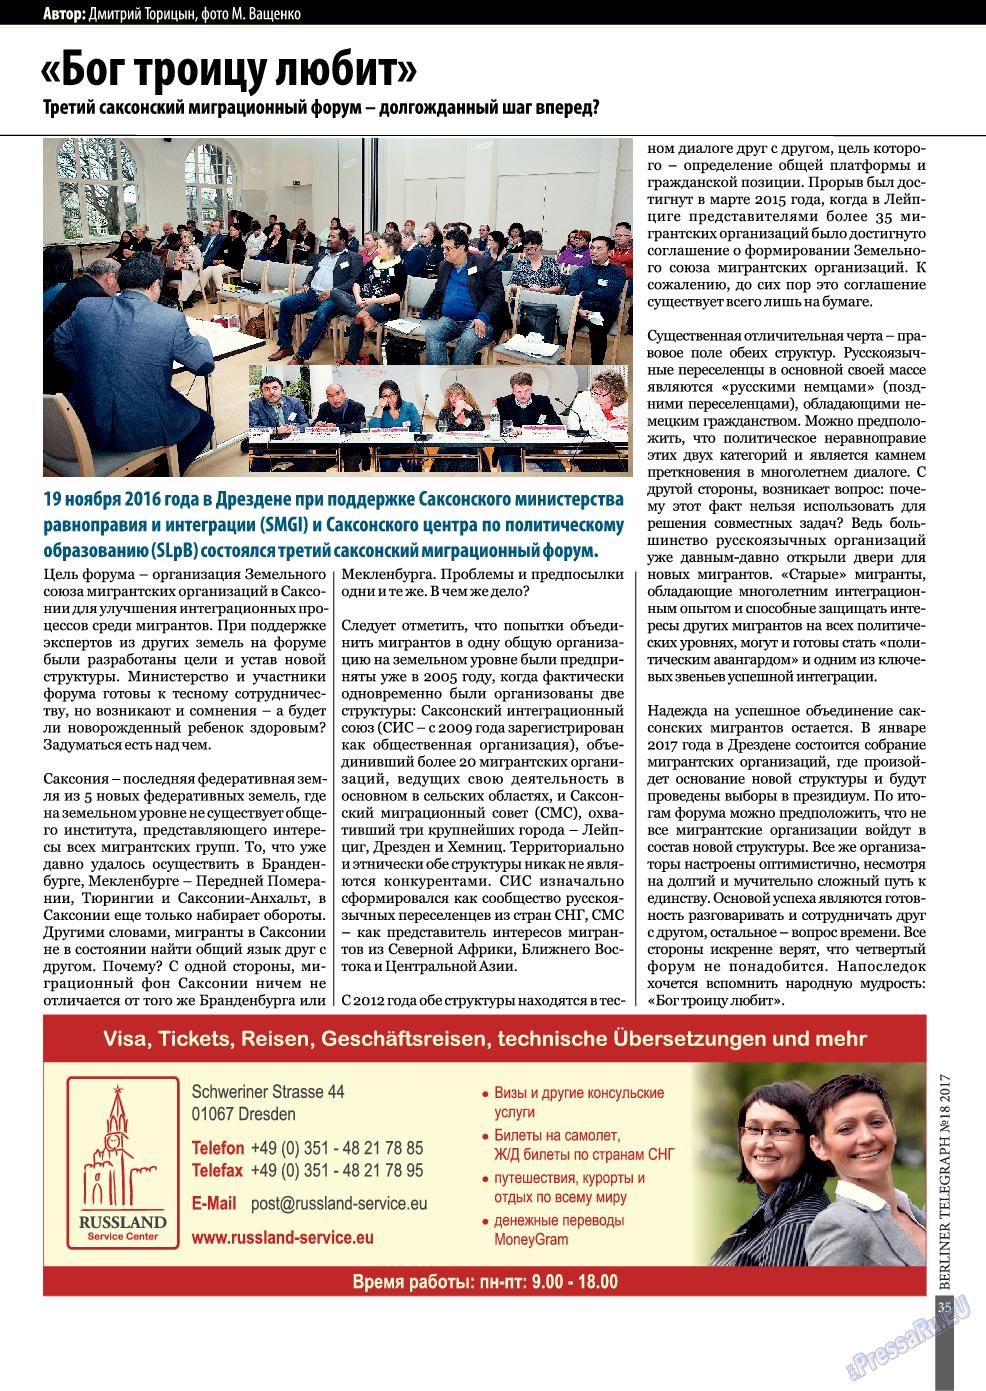 Берлинский телеграф (журнал). 2017 год, номер 18, стр. 35